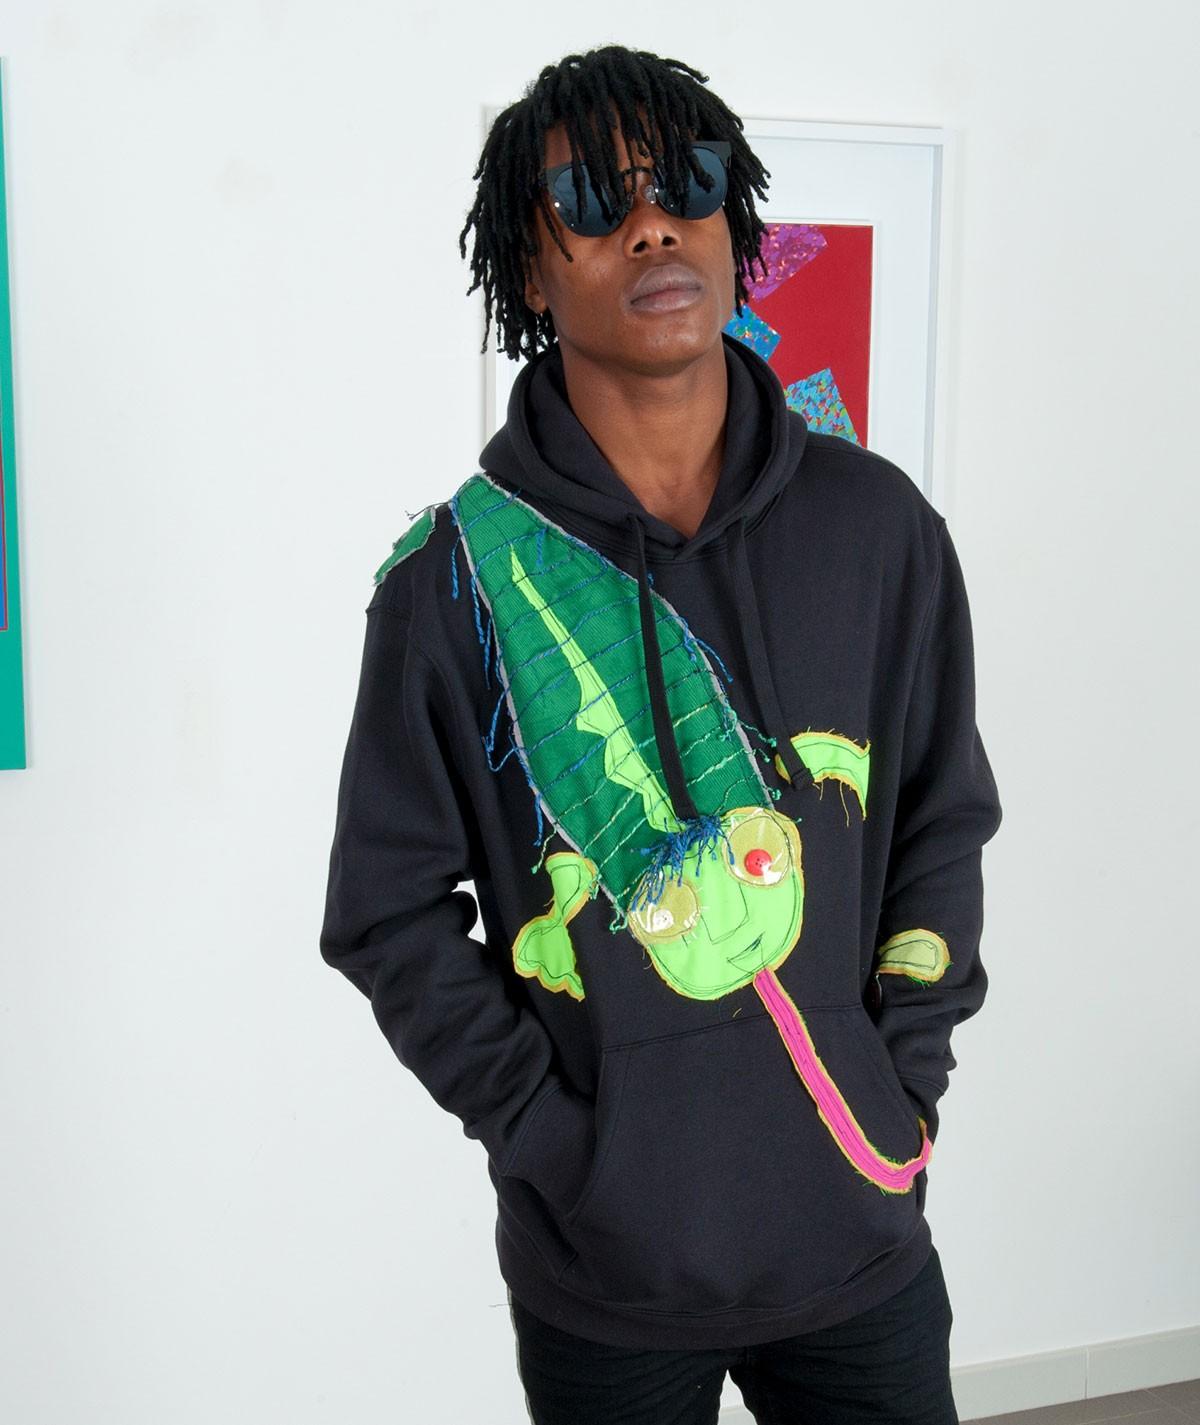 Chameleon sweatshirt for men